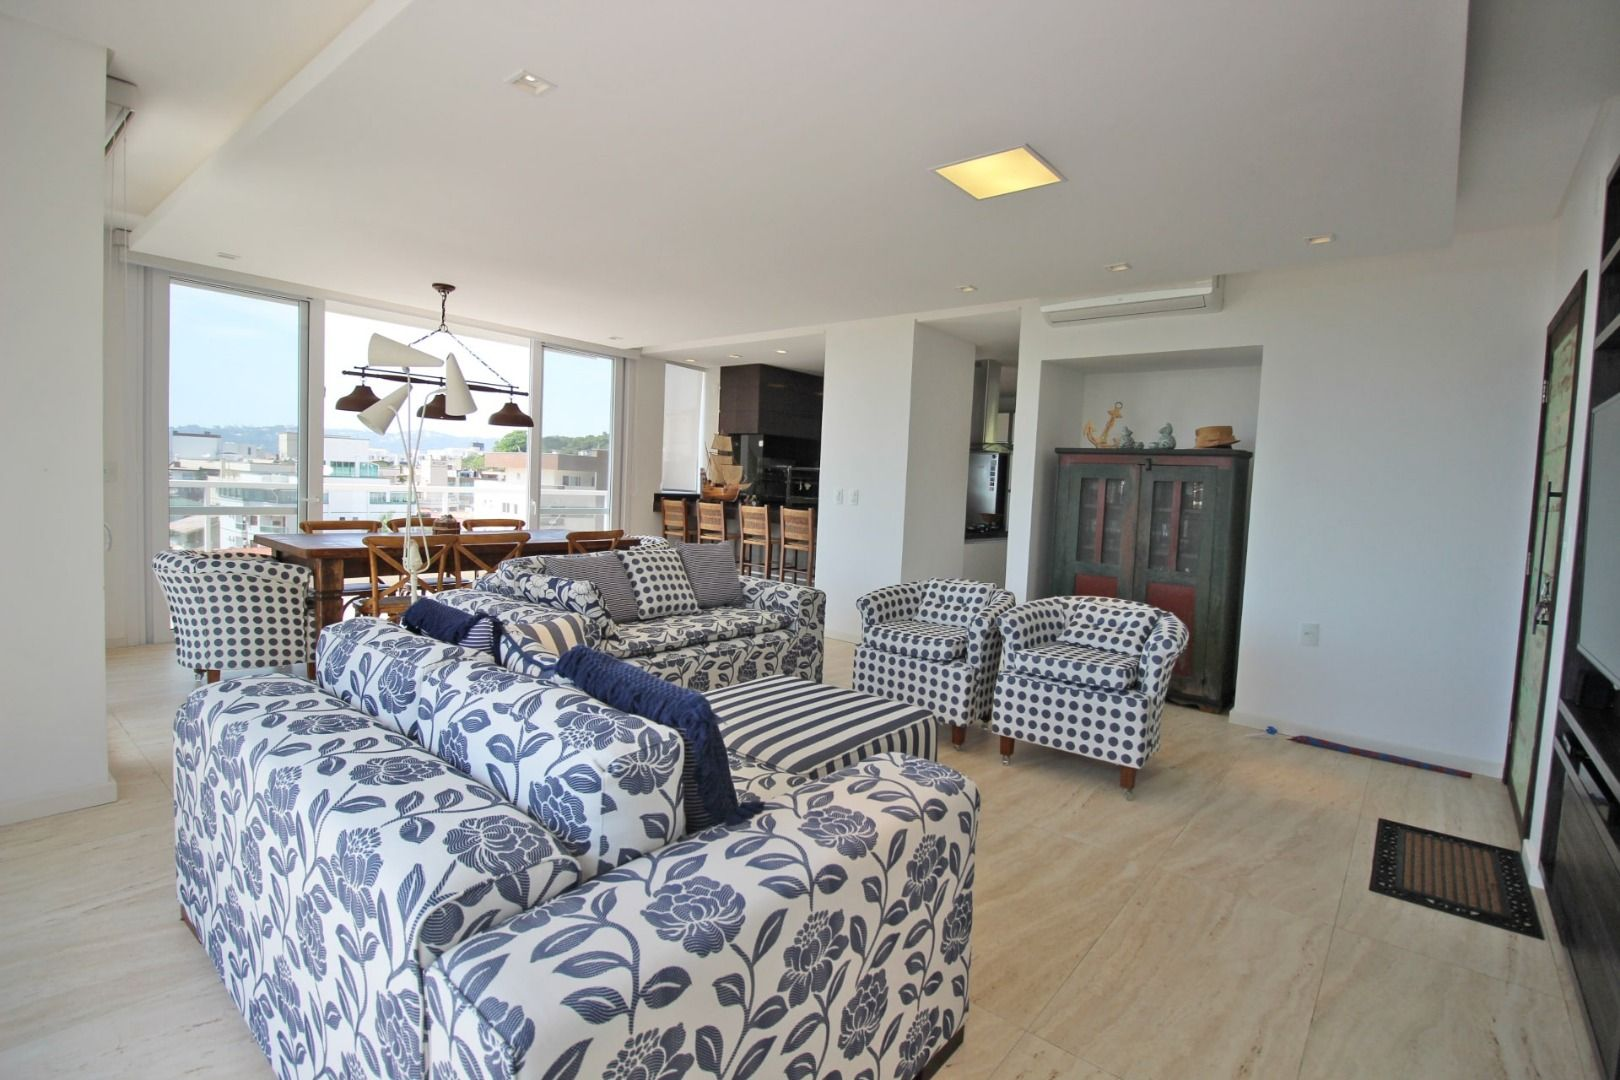 Cobertura com 3 Dormitórios à venda, 220 m² por R$ 2.980.000,00